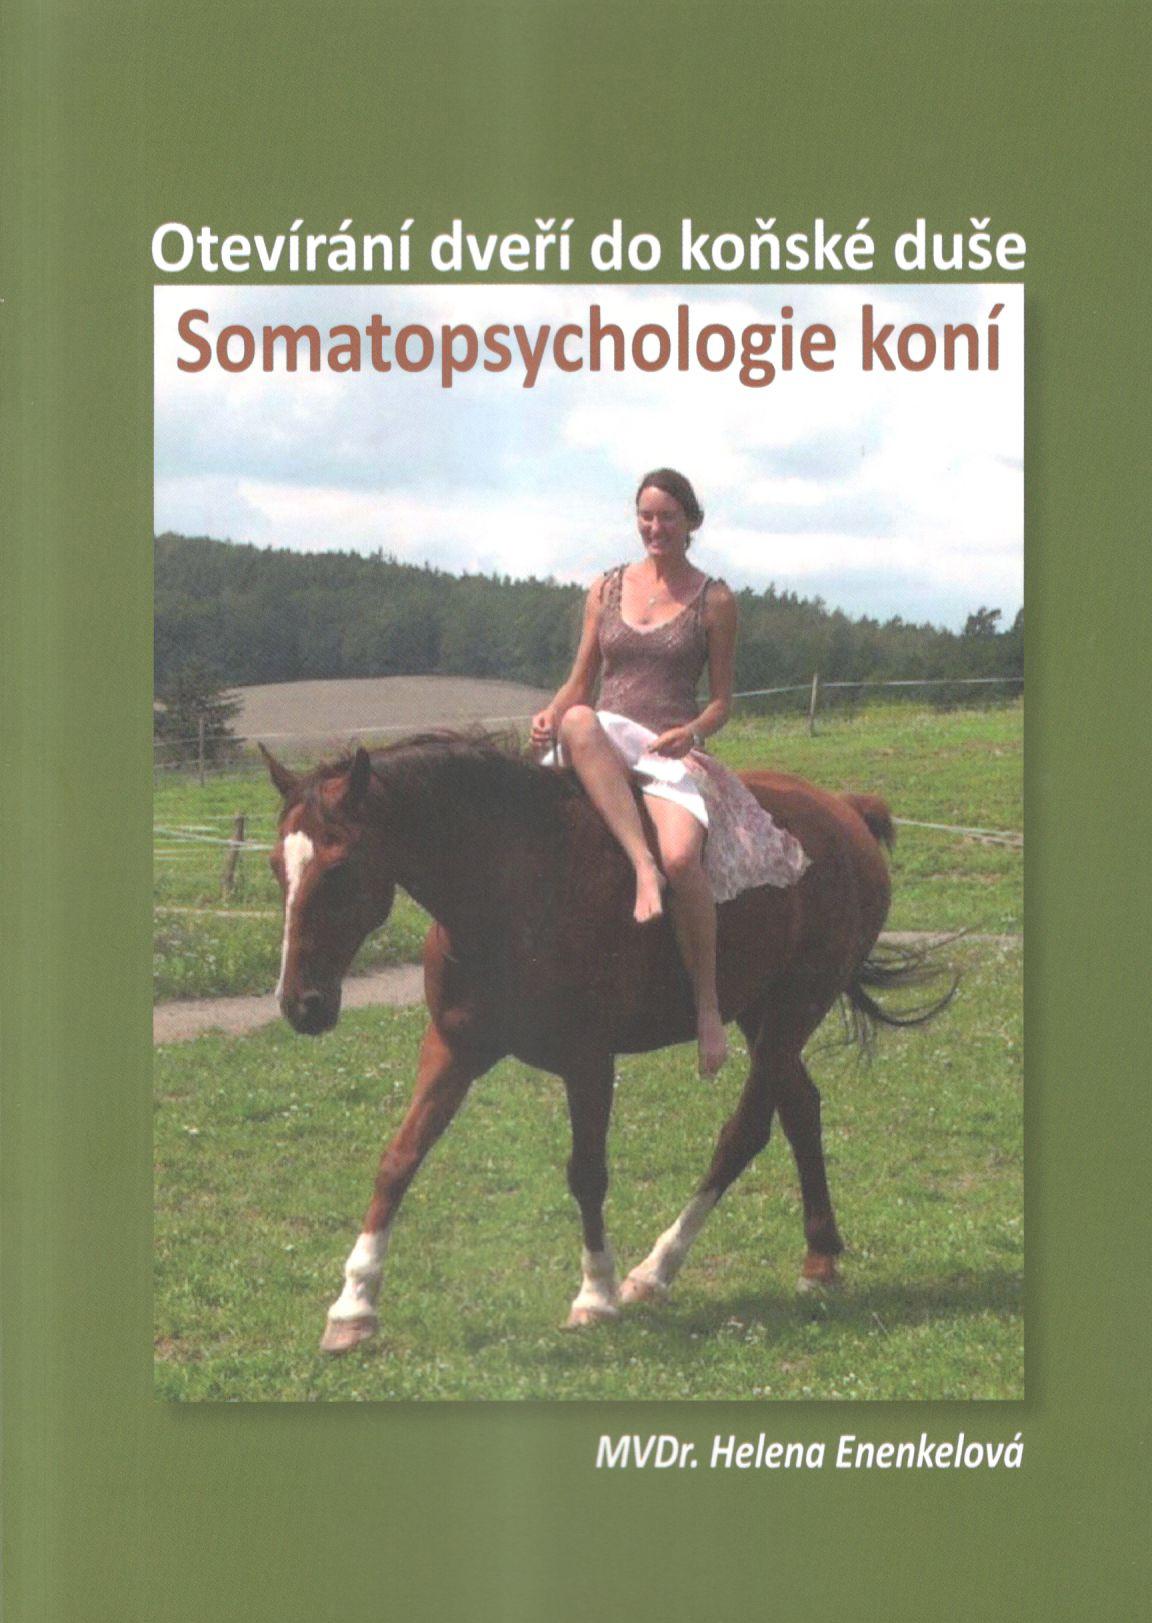 RECENZE: Somatopsychologie koní